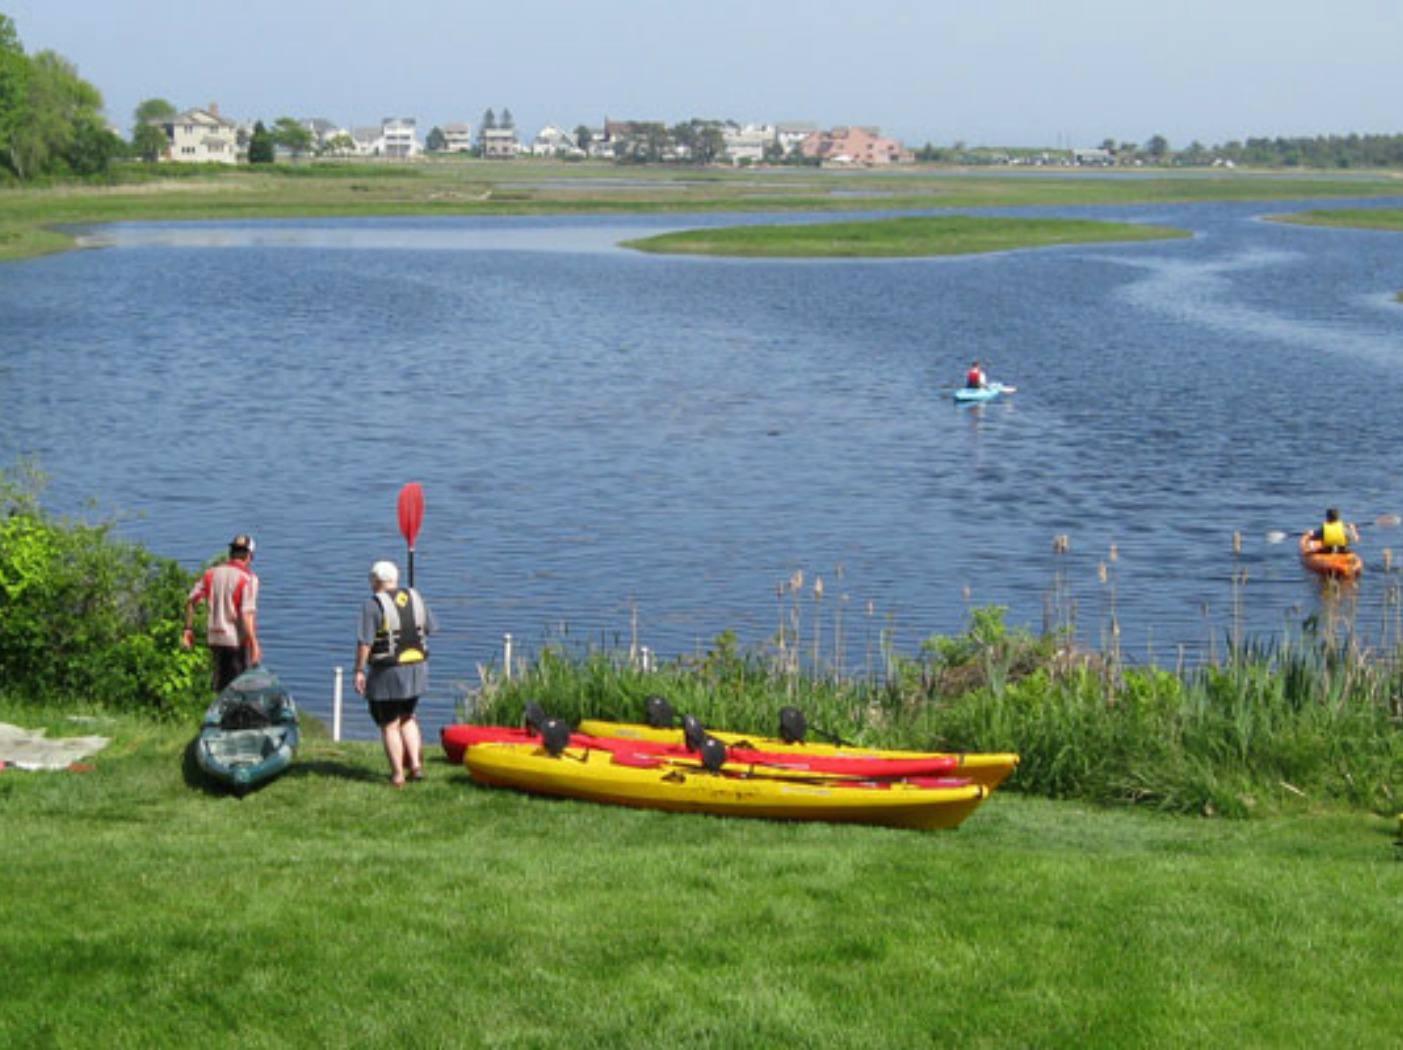 Kayaking on the Ogunquit River